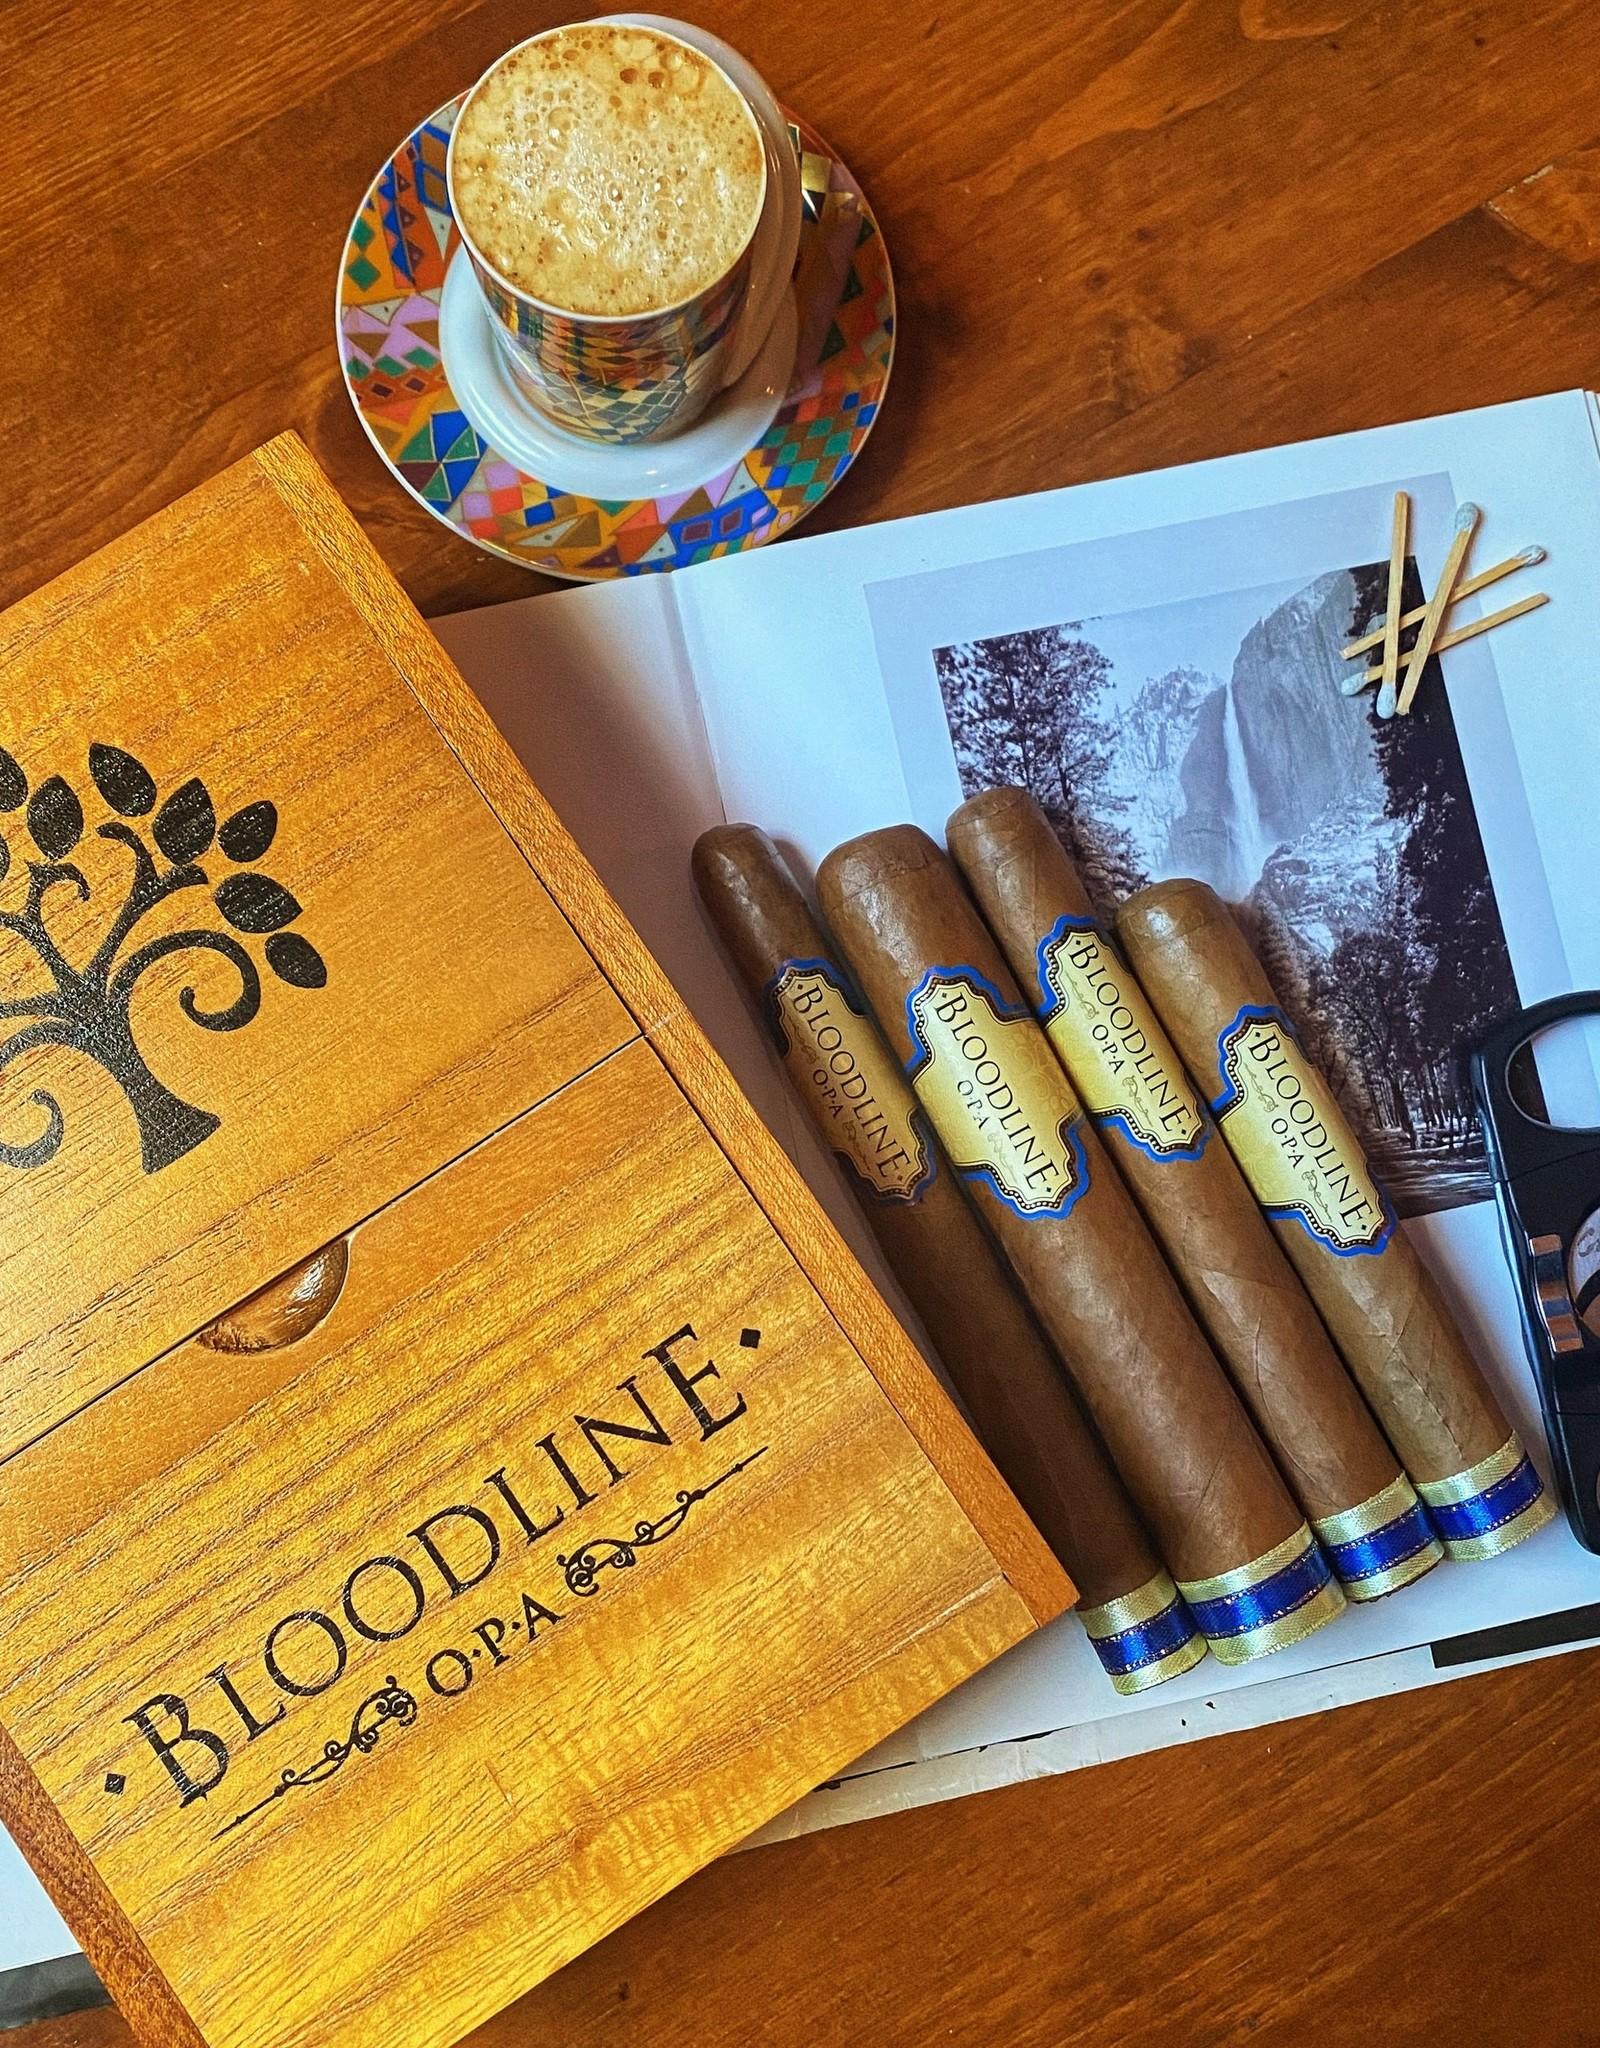 Bloodline OPA Bloodline OPA Blonde 6 x 60 Single